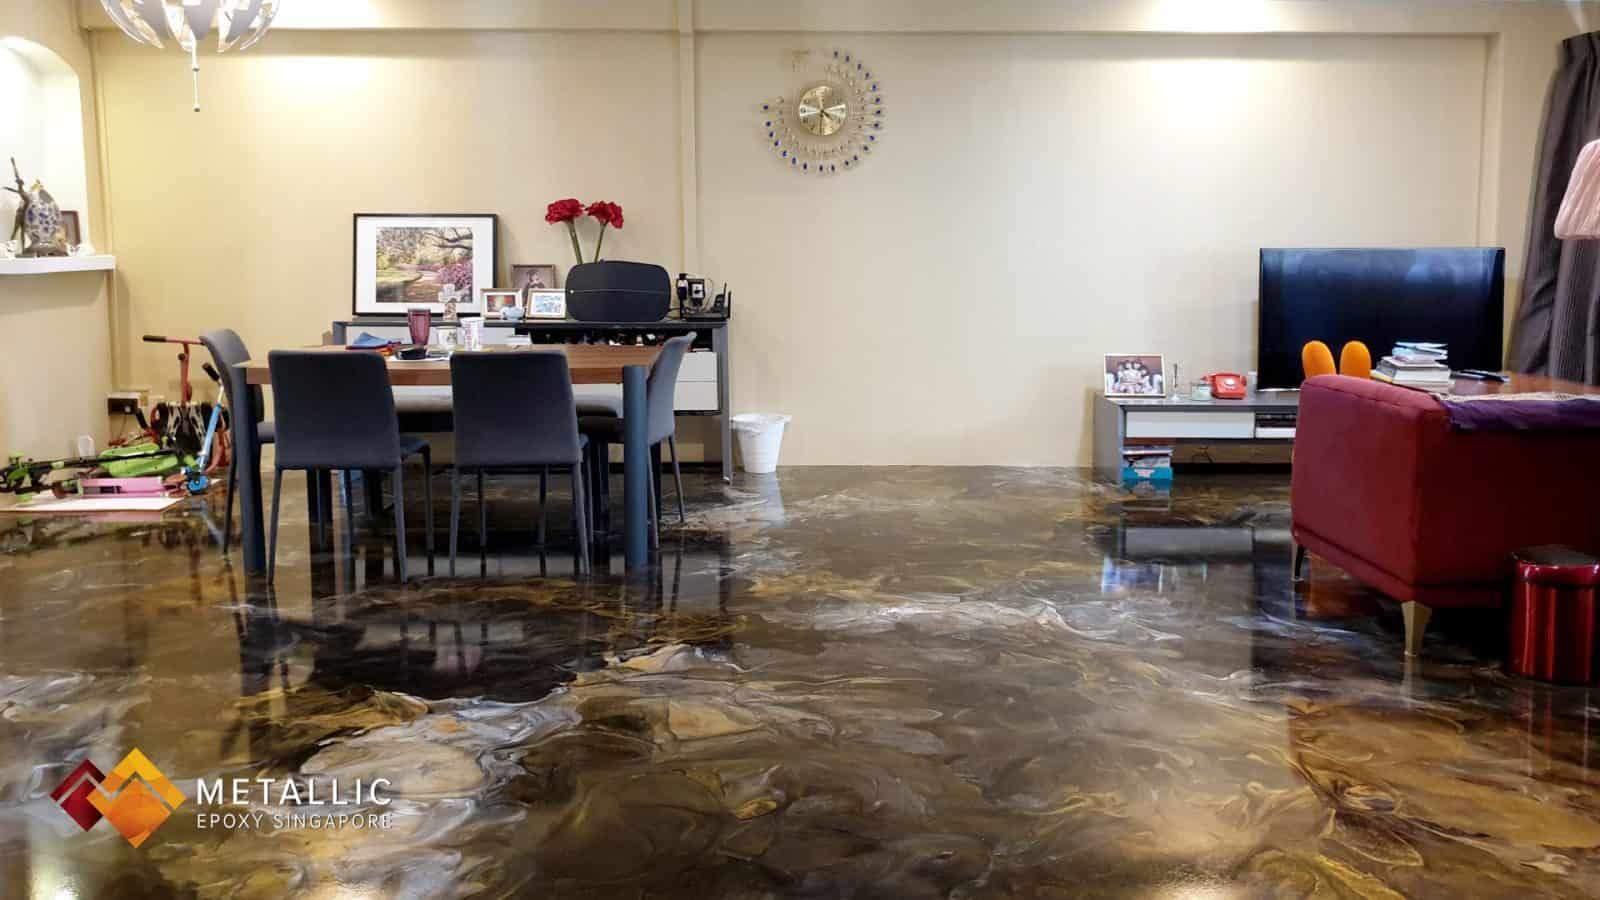 metallic epoxy living floor coating